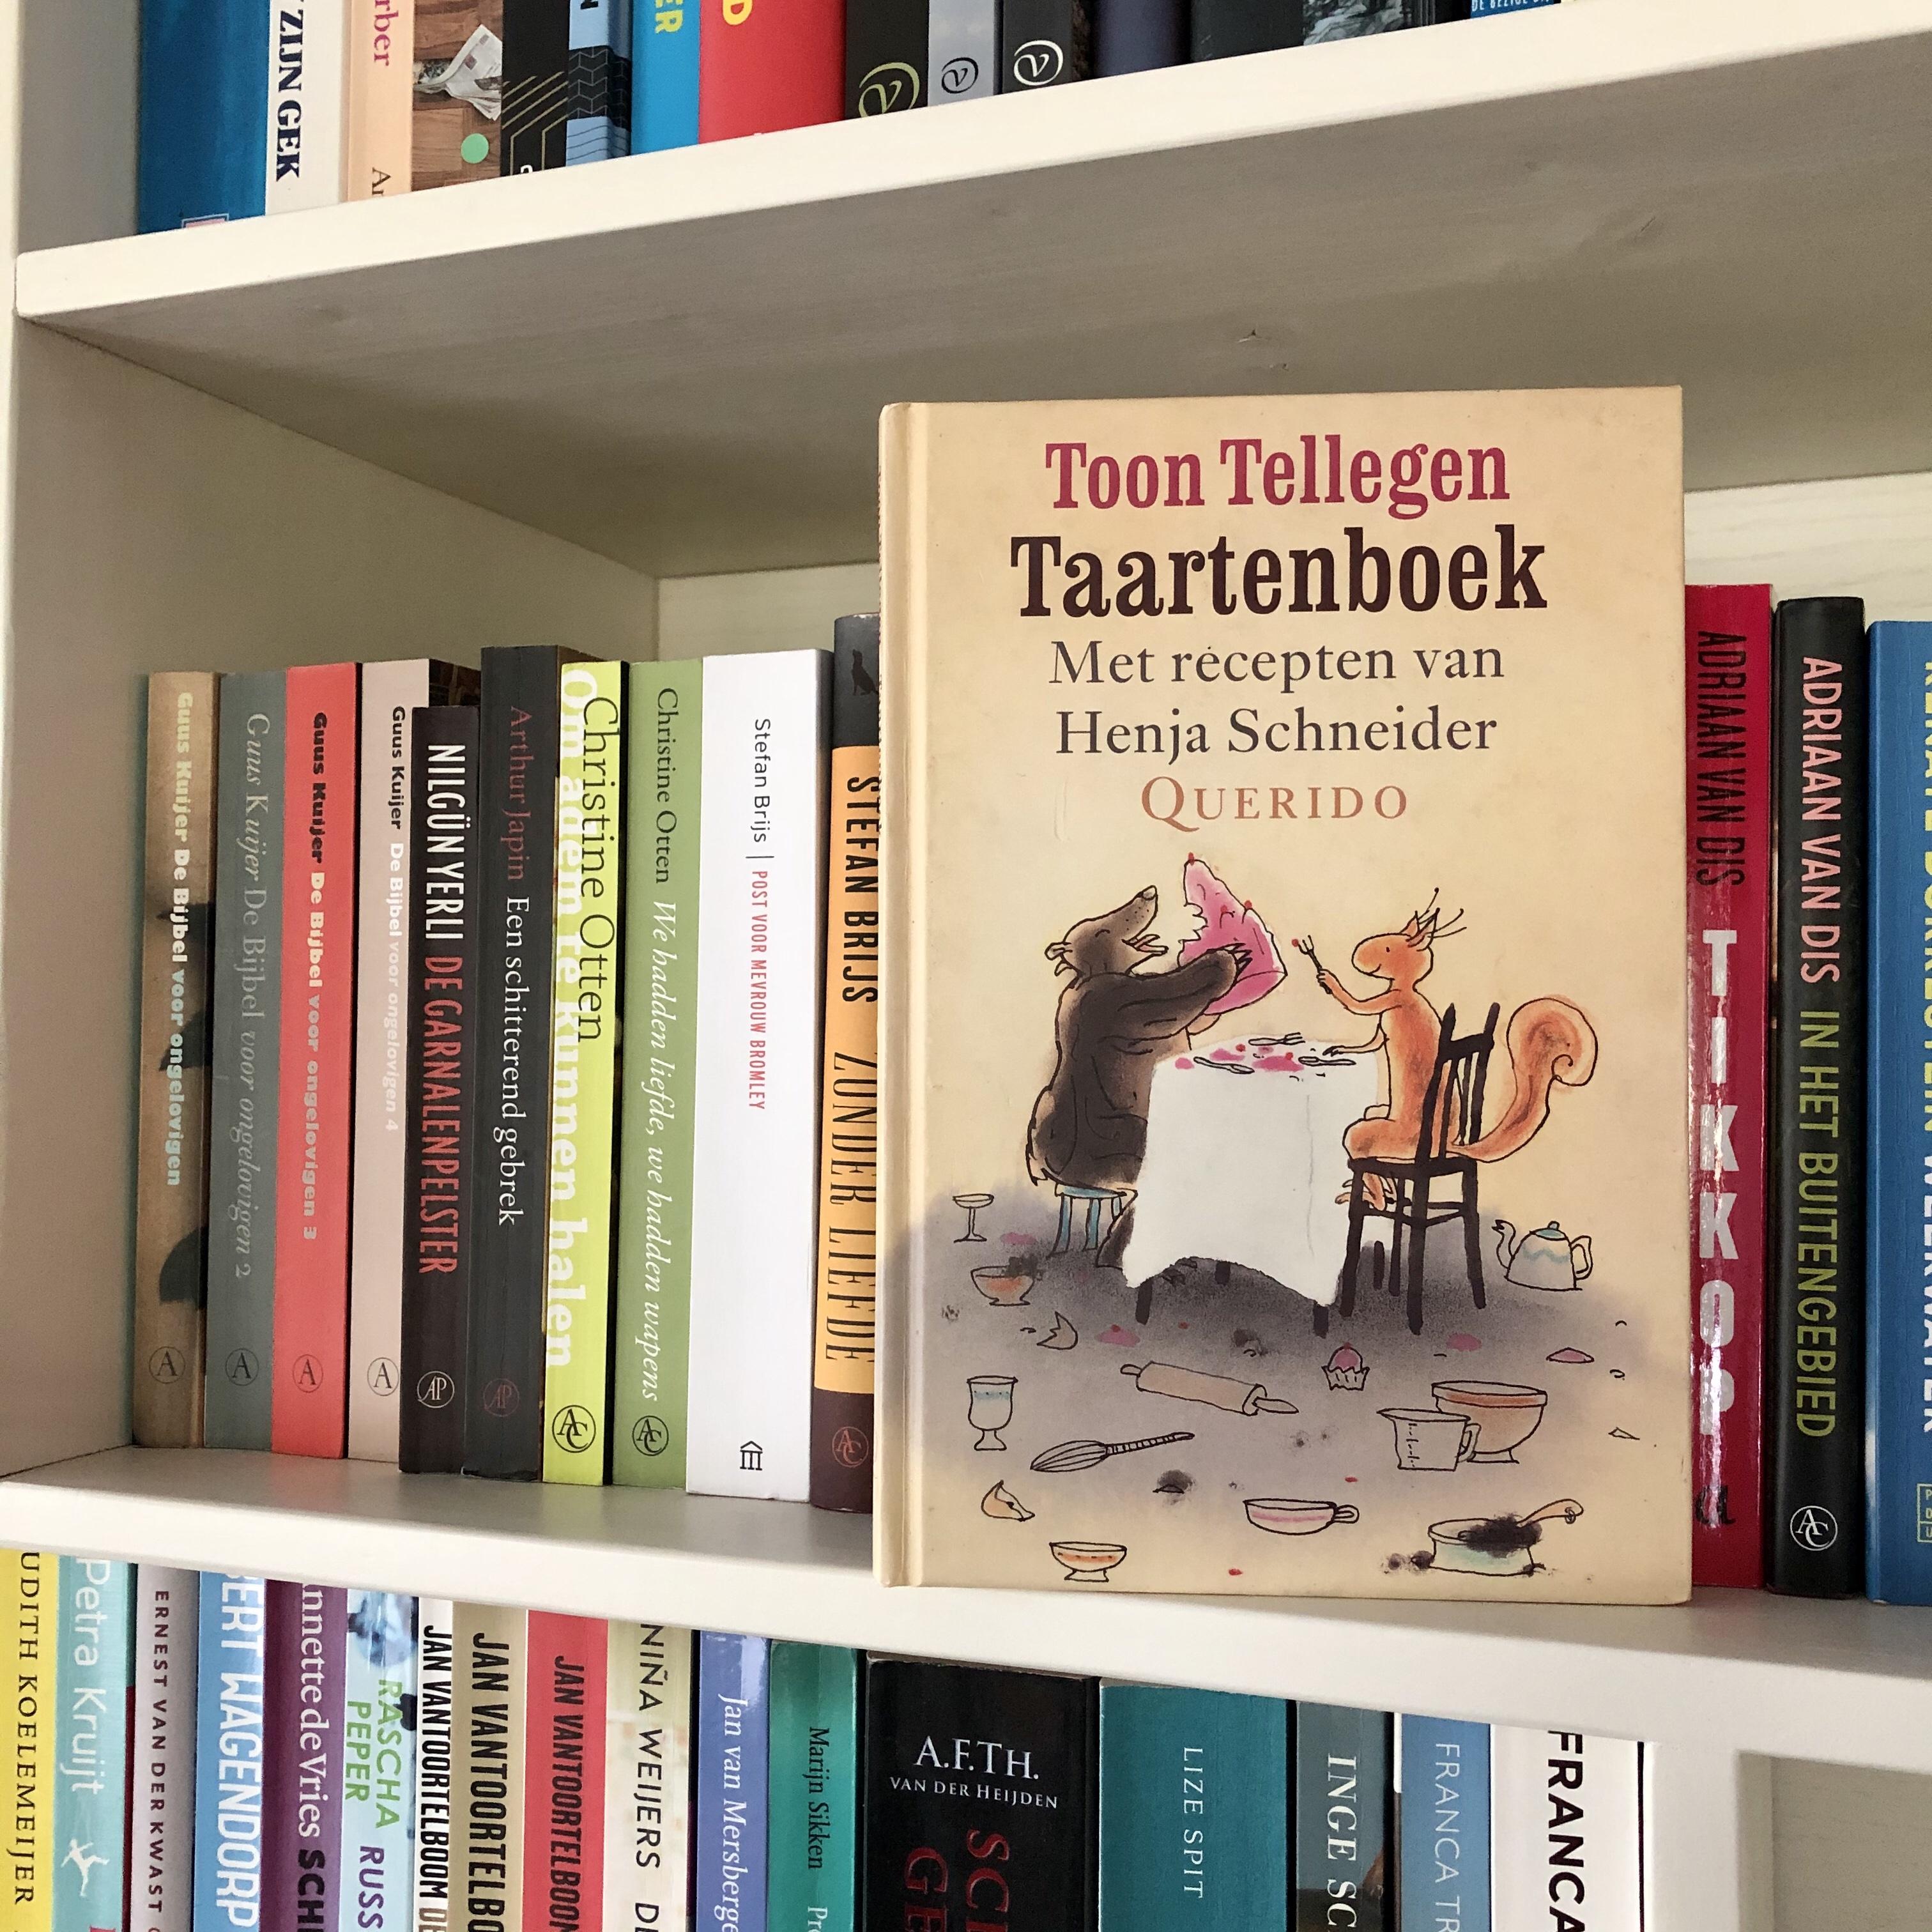 Taartenboek Toon Tellegen